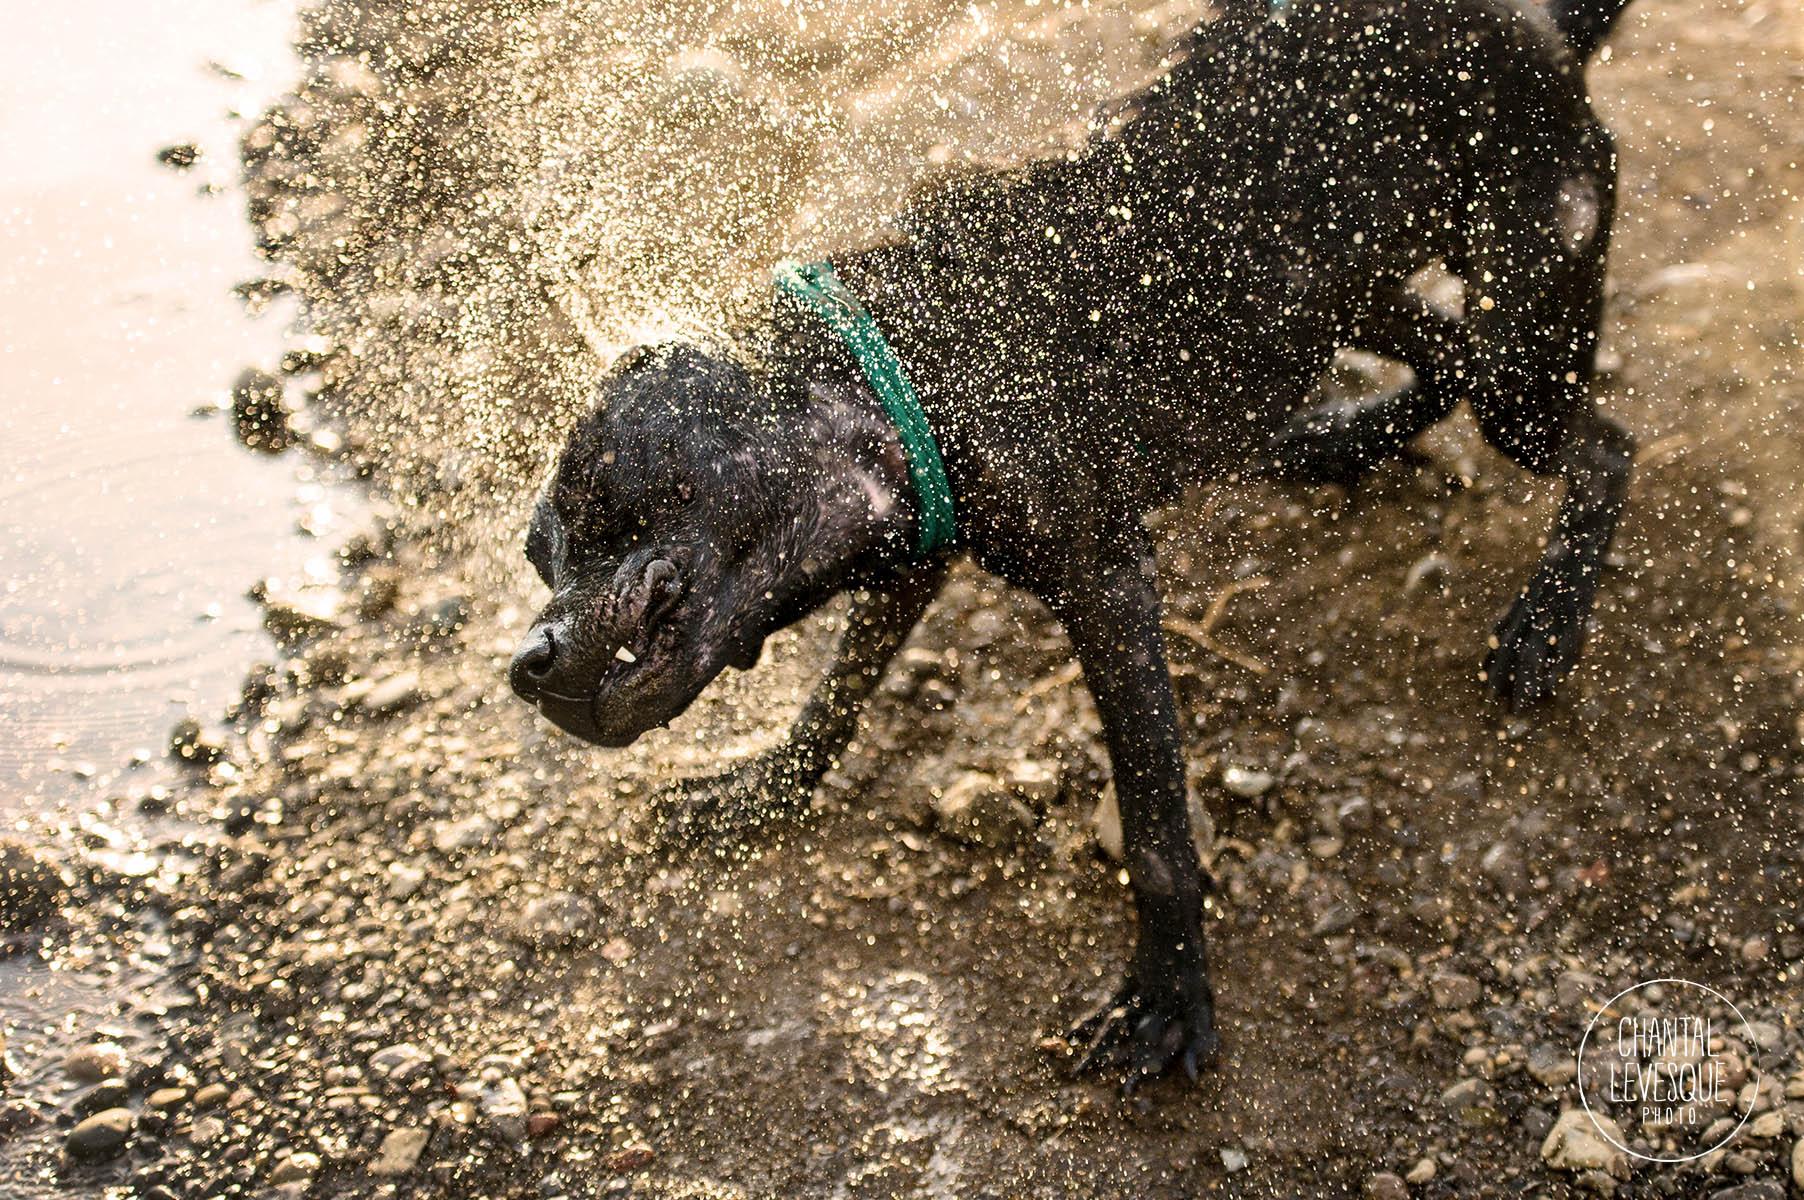 pitbull-shake-water-photography.jpg